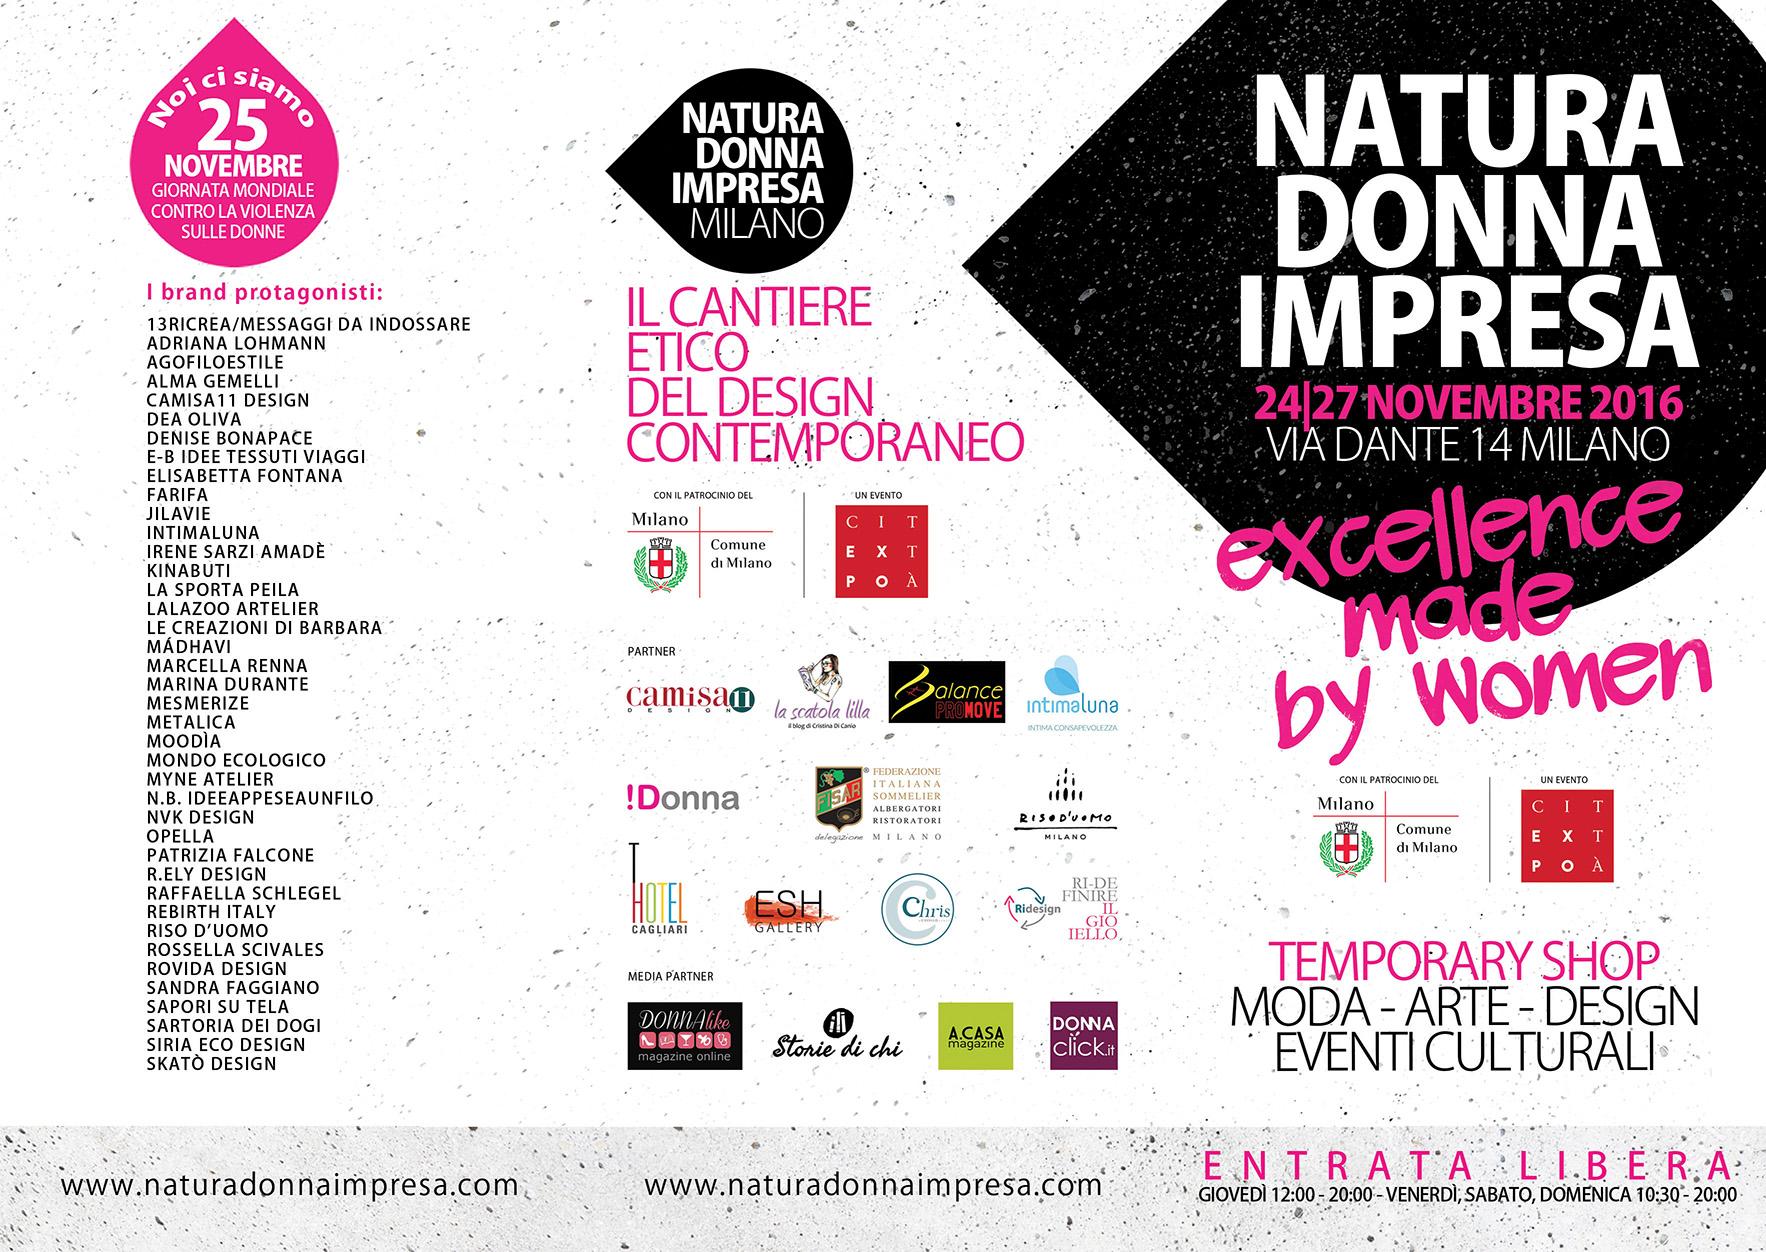 Natura Donna Impresa: dal 24 al 27 novembre a Milano